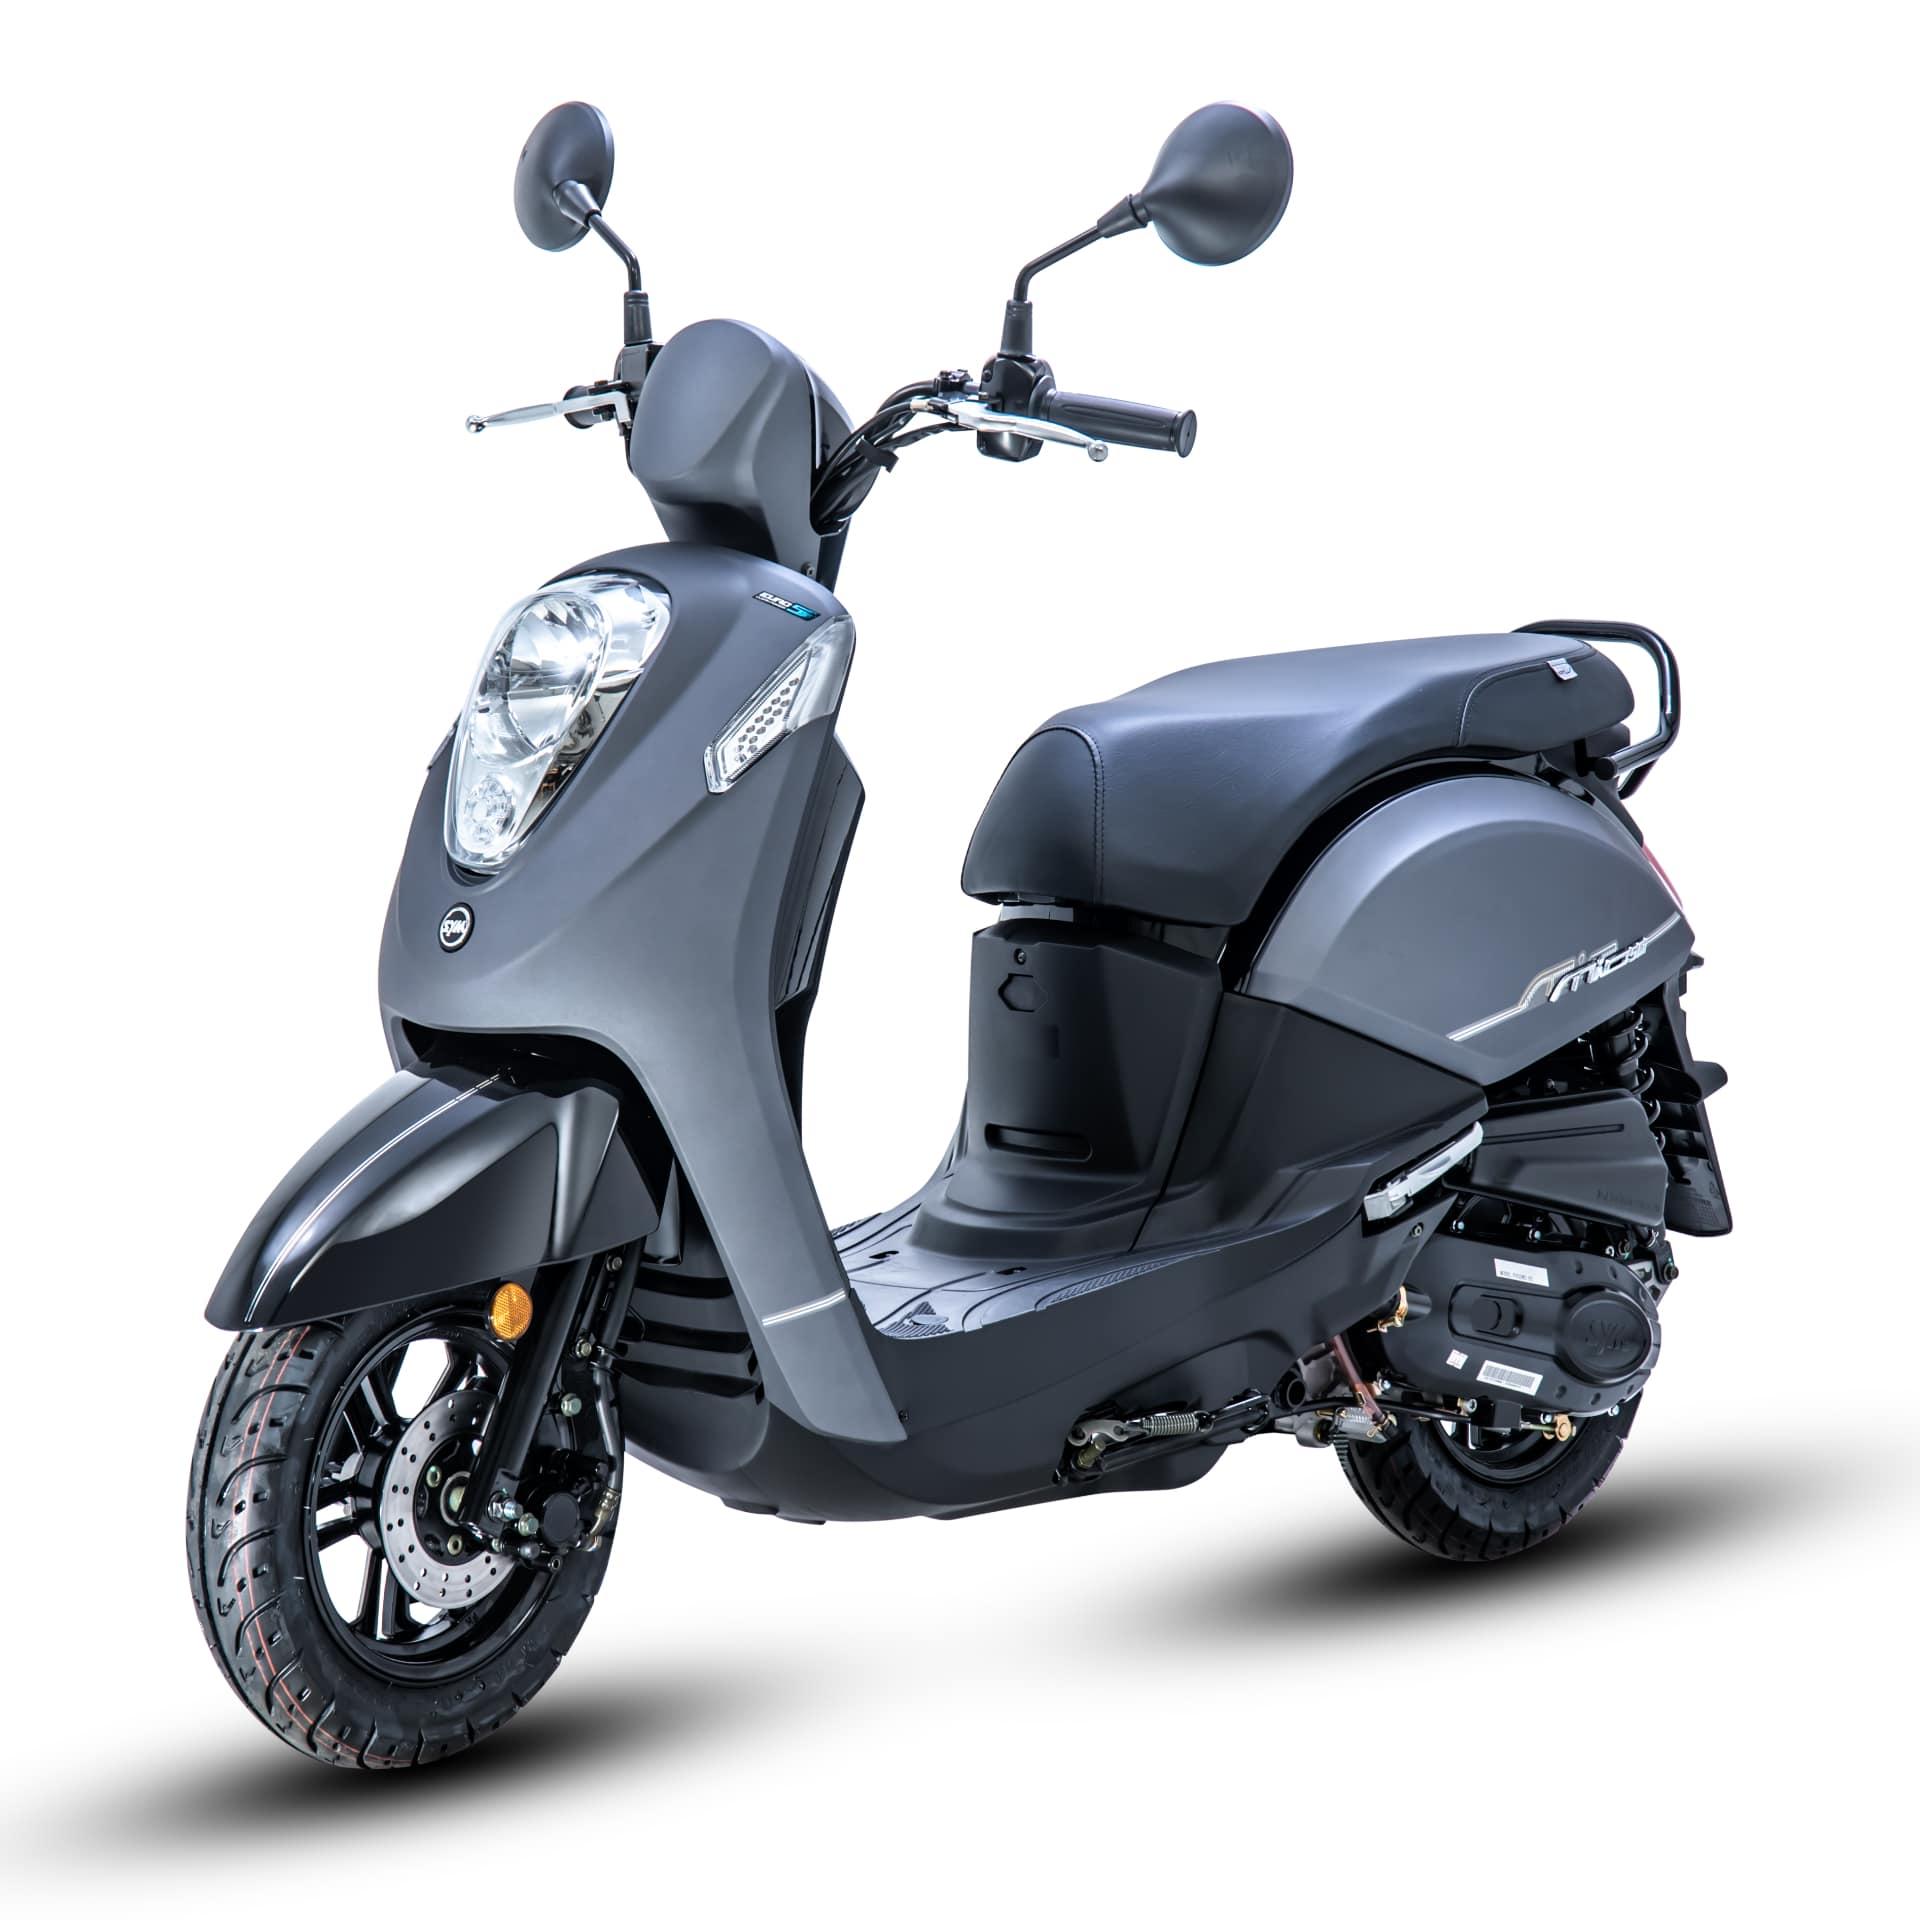 Mio 50 – EURO 5 Image